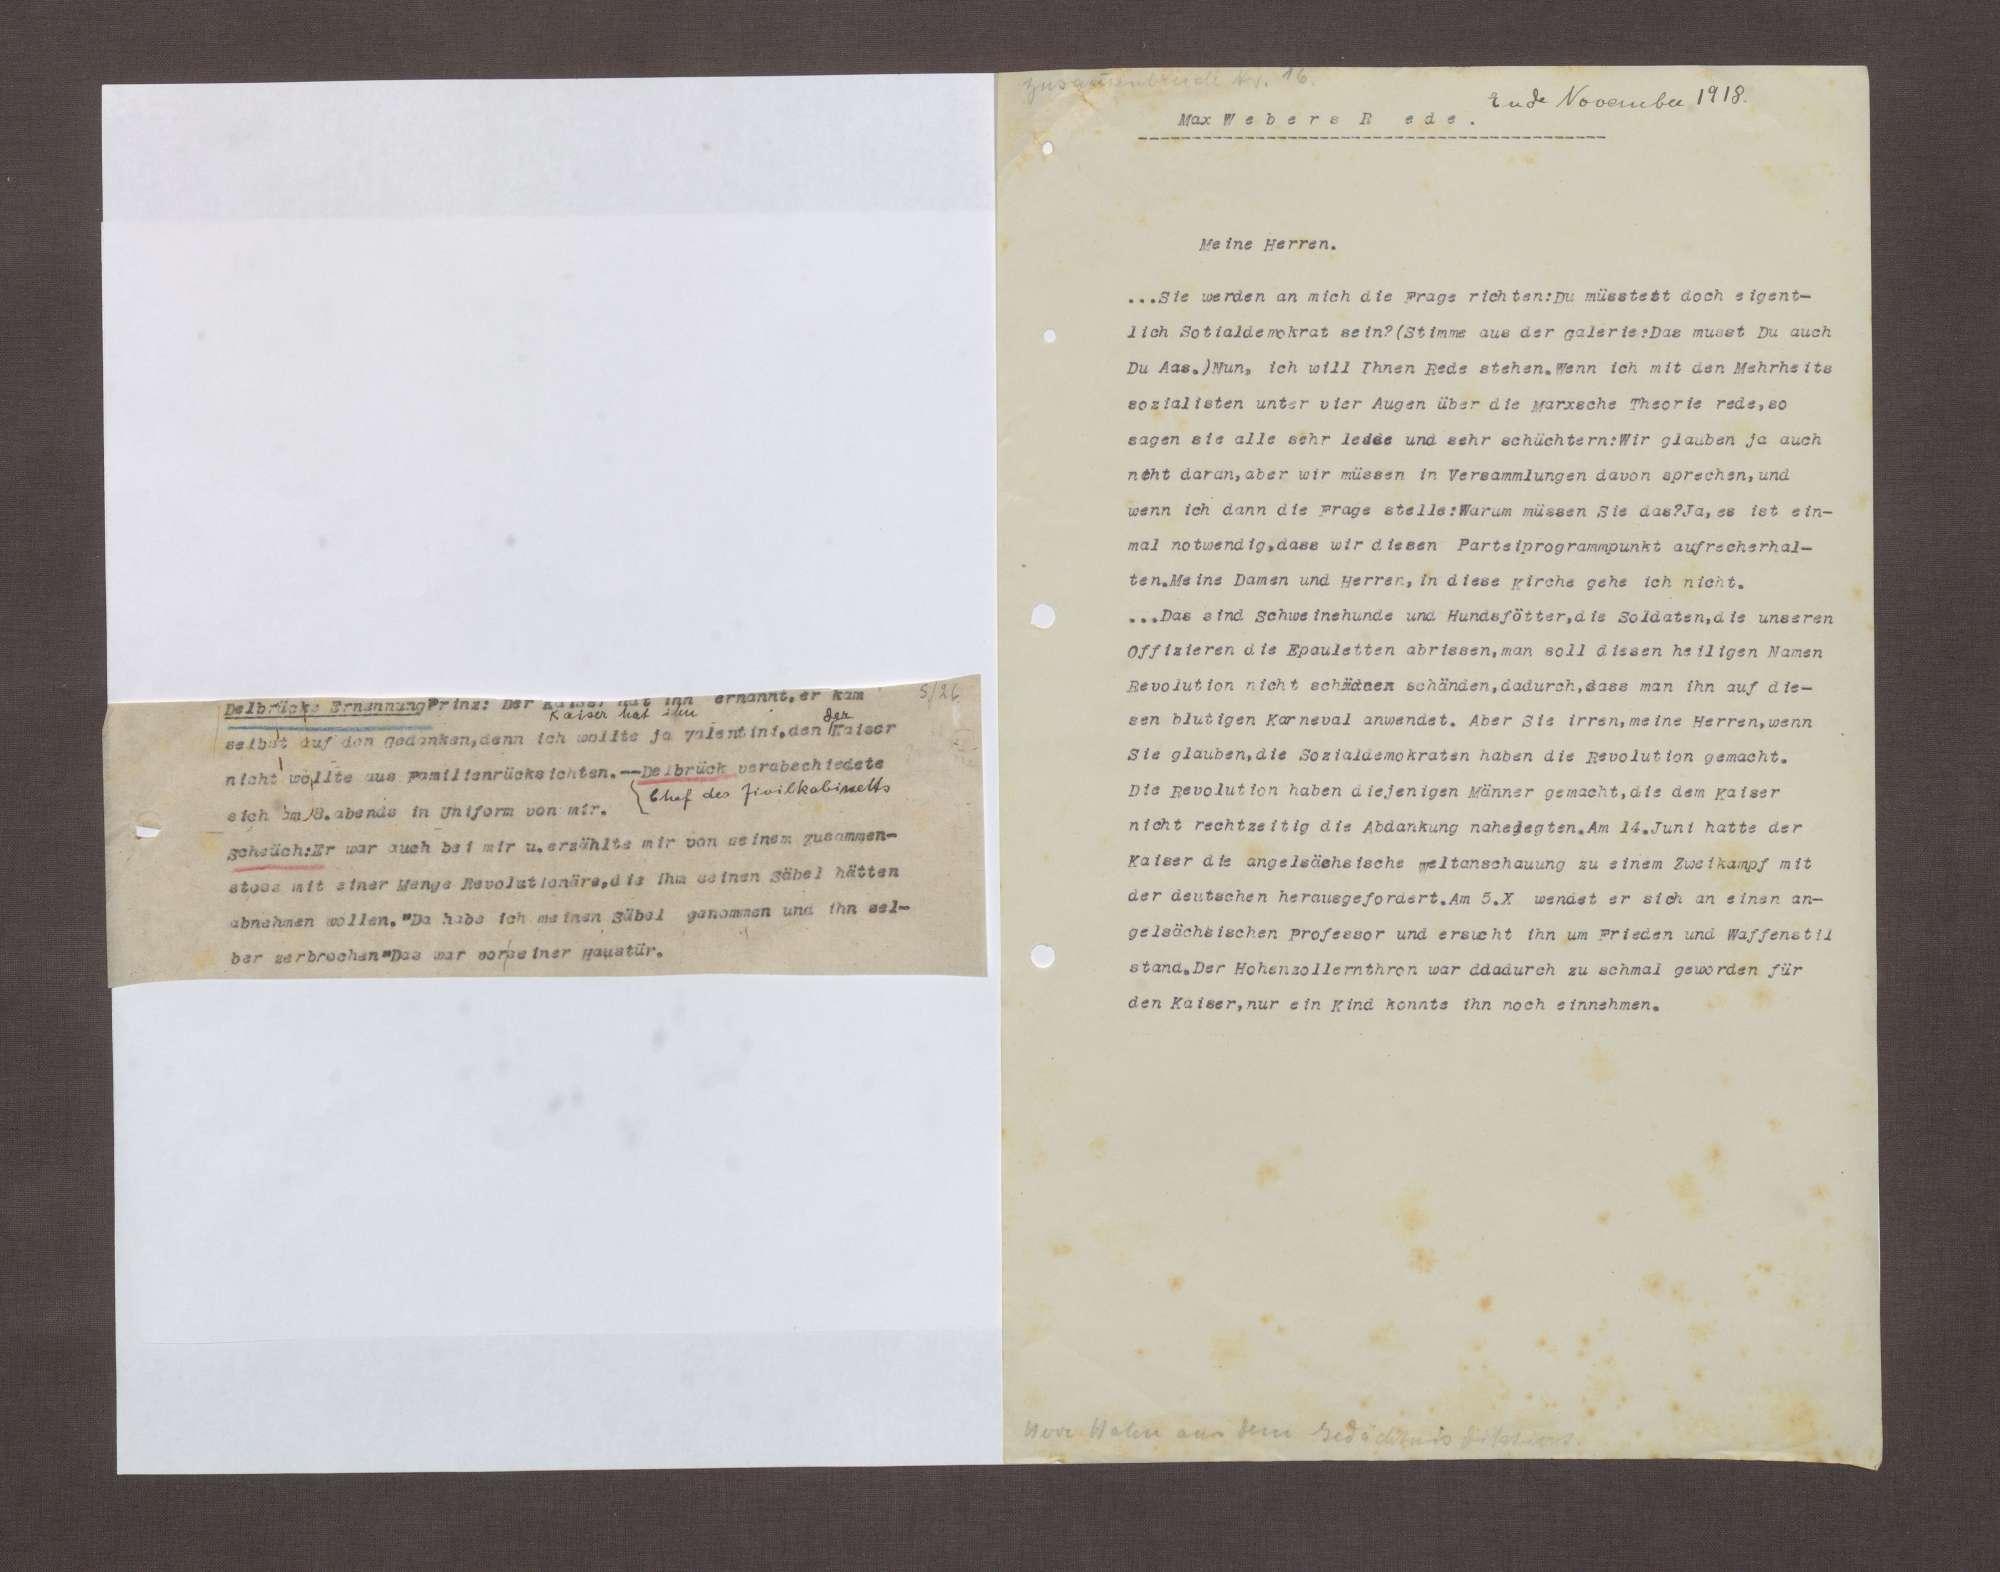 Notizen zur Rolle von Arnold Wahnschaffe und Heinrich Schëuch während der Ereignisse am 09.11.1918, Bild 2